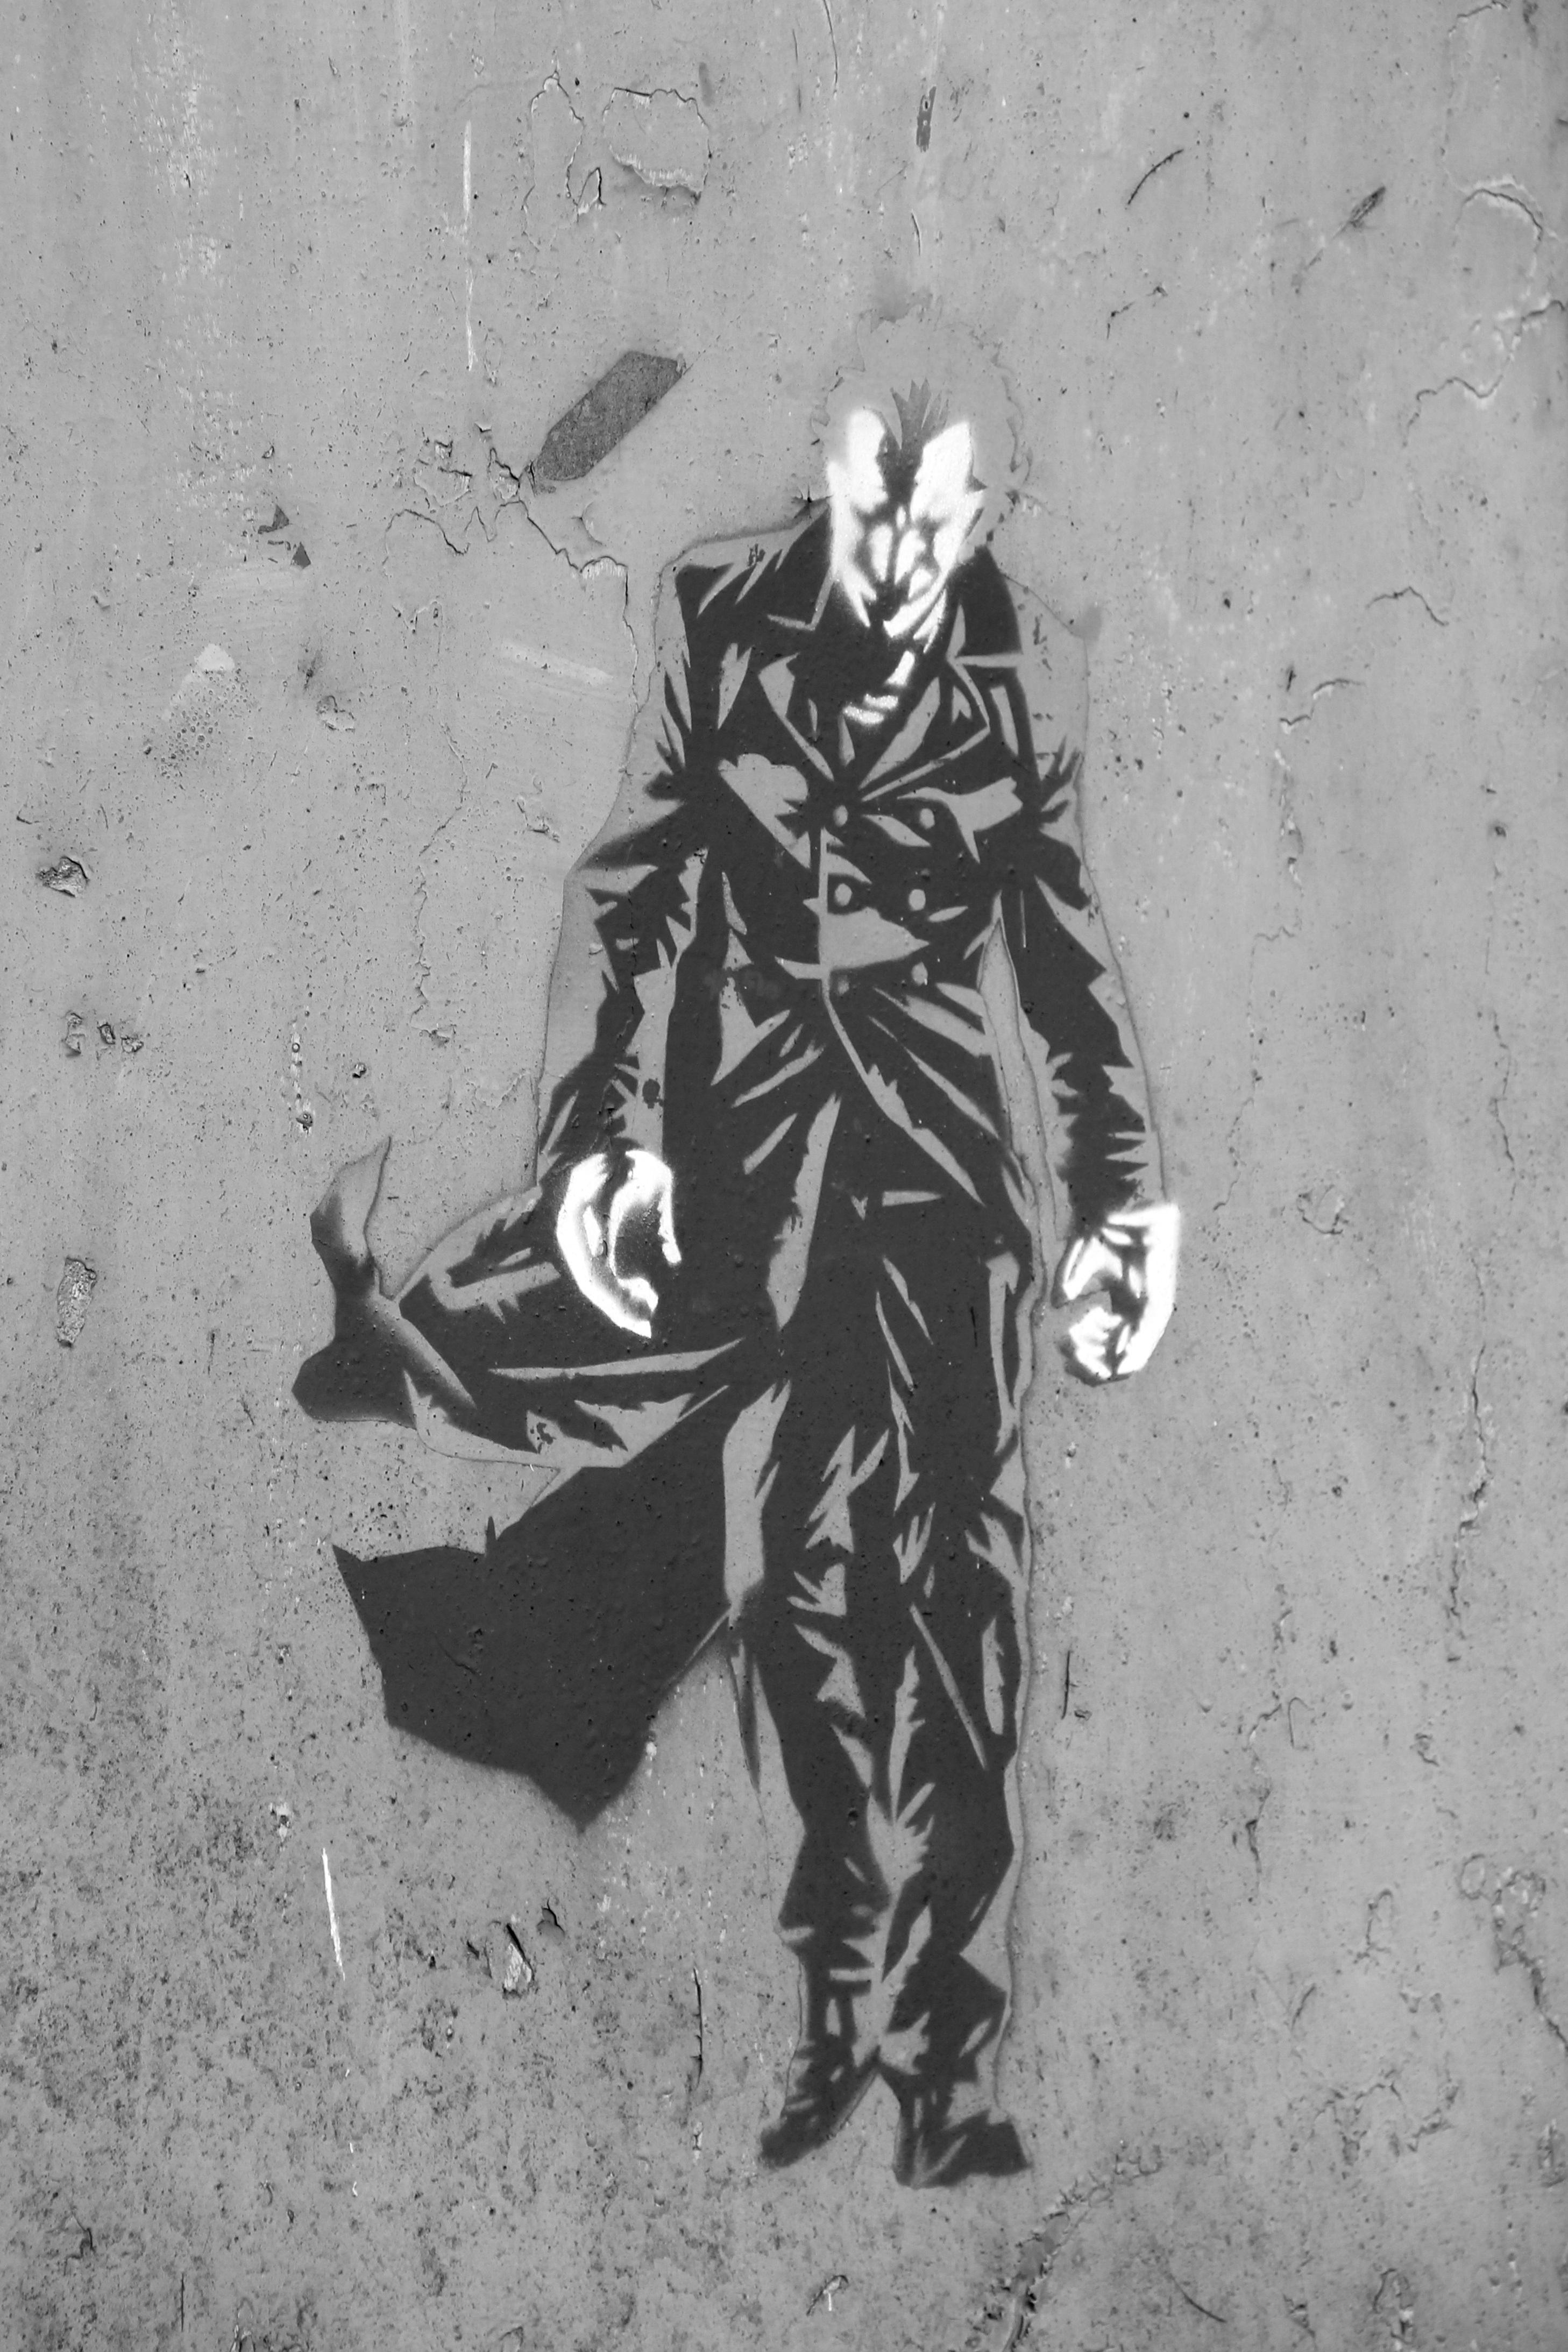 Batman svart hvit